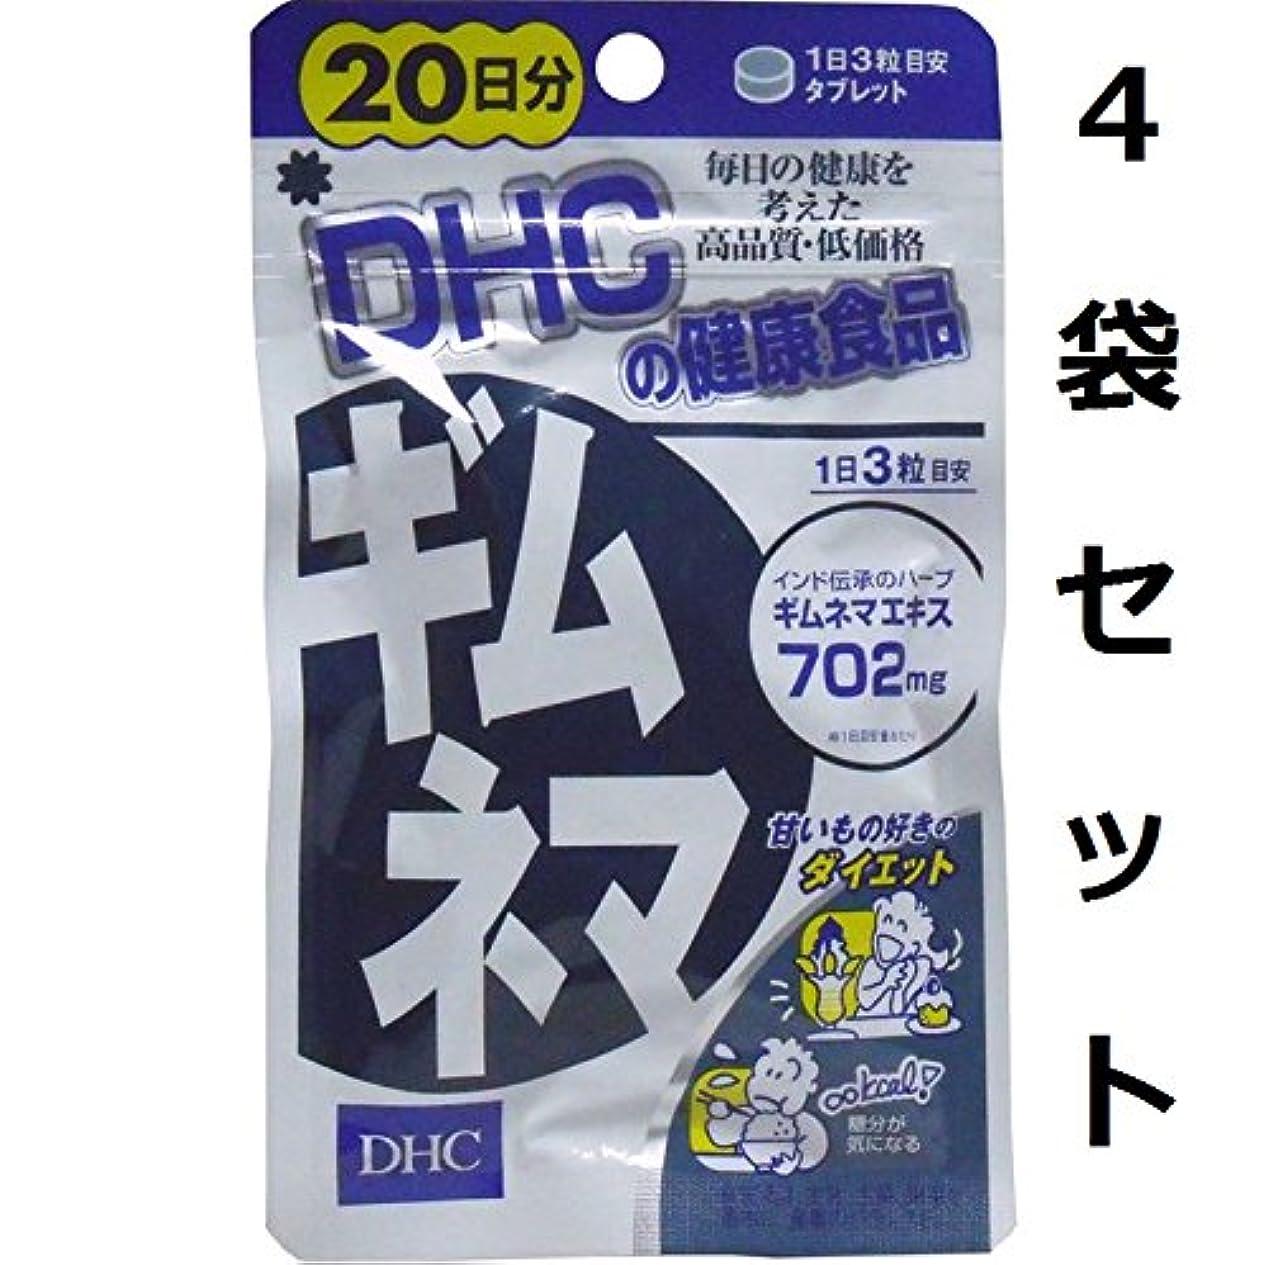 マナー付き添い人記念碑的な余分な糖分をブロック DHC ギムネマ 20日分 60粒 4袋セット